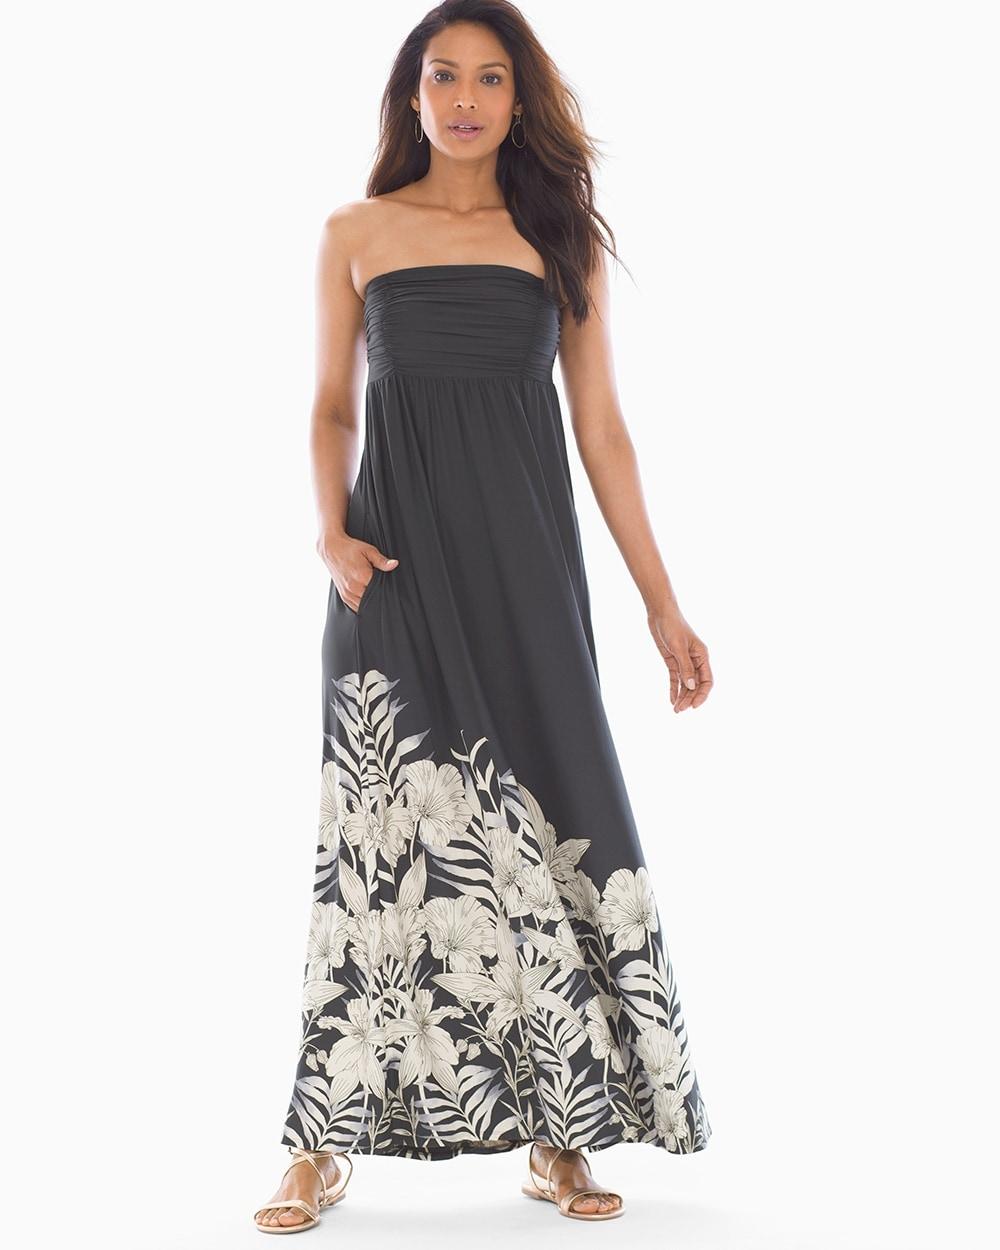 ee7dd6af6bb4 Bandeau Maxi Bra Dress Idyllic Floral Grand Blk - Soma